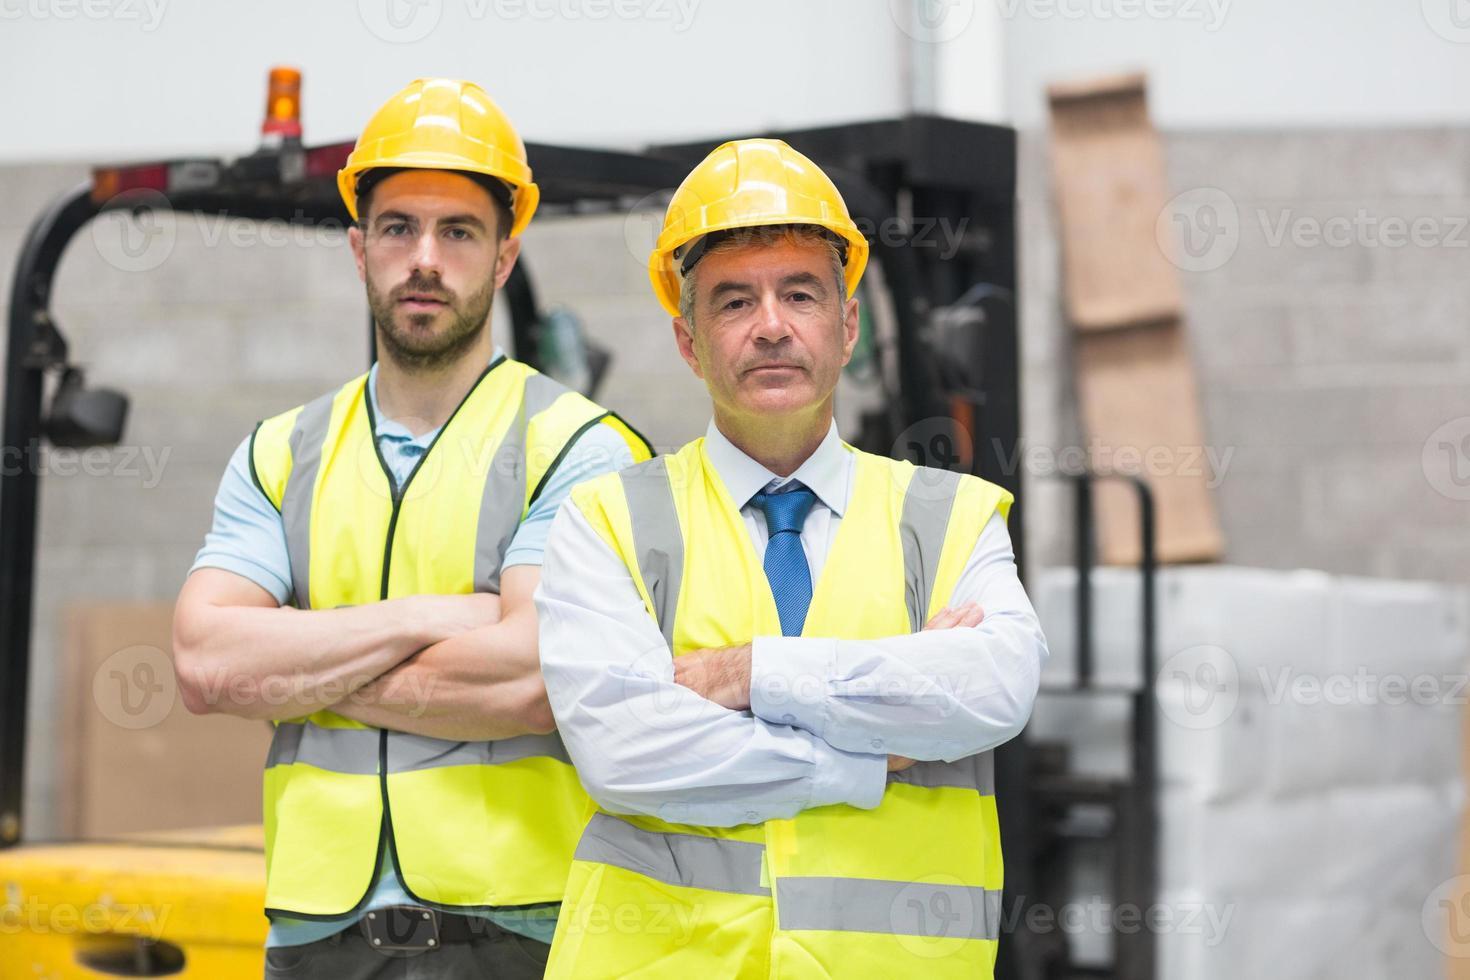 gerente de braços cruzados e seu colega atrás dele foto